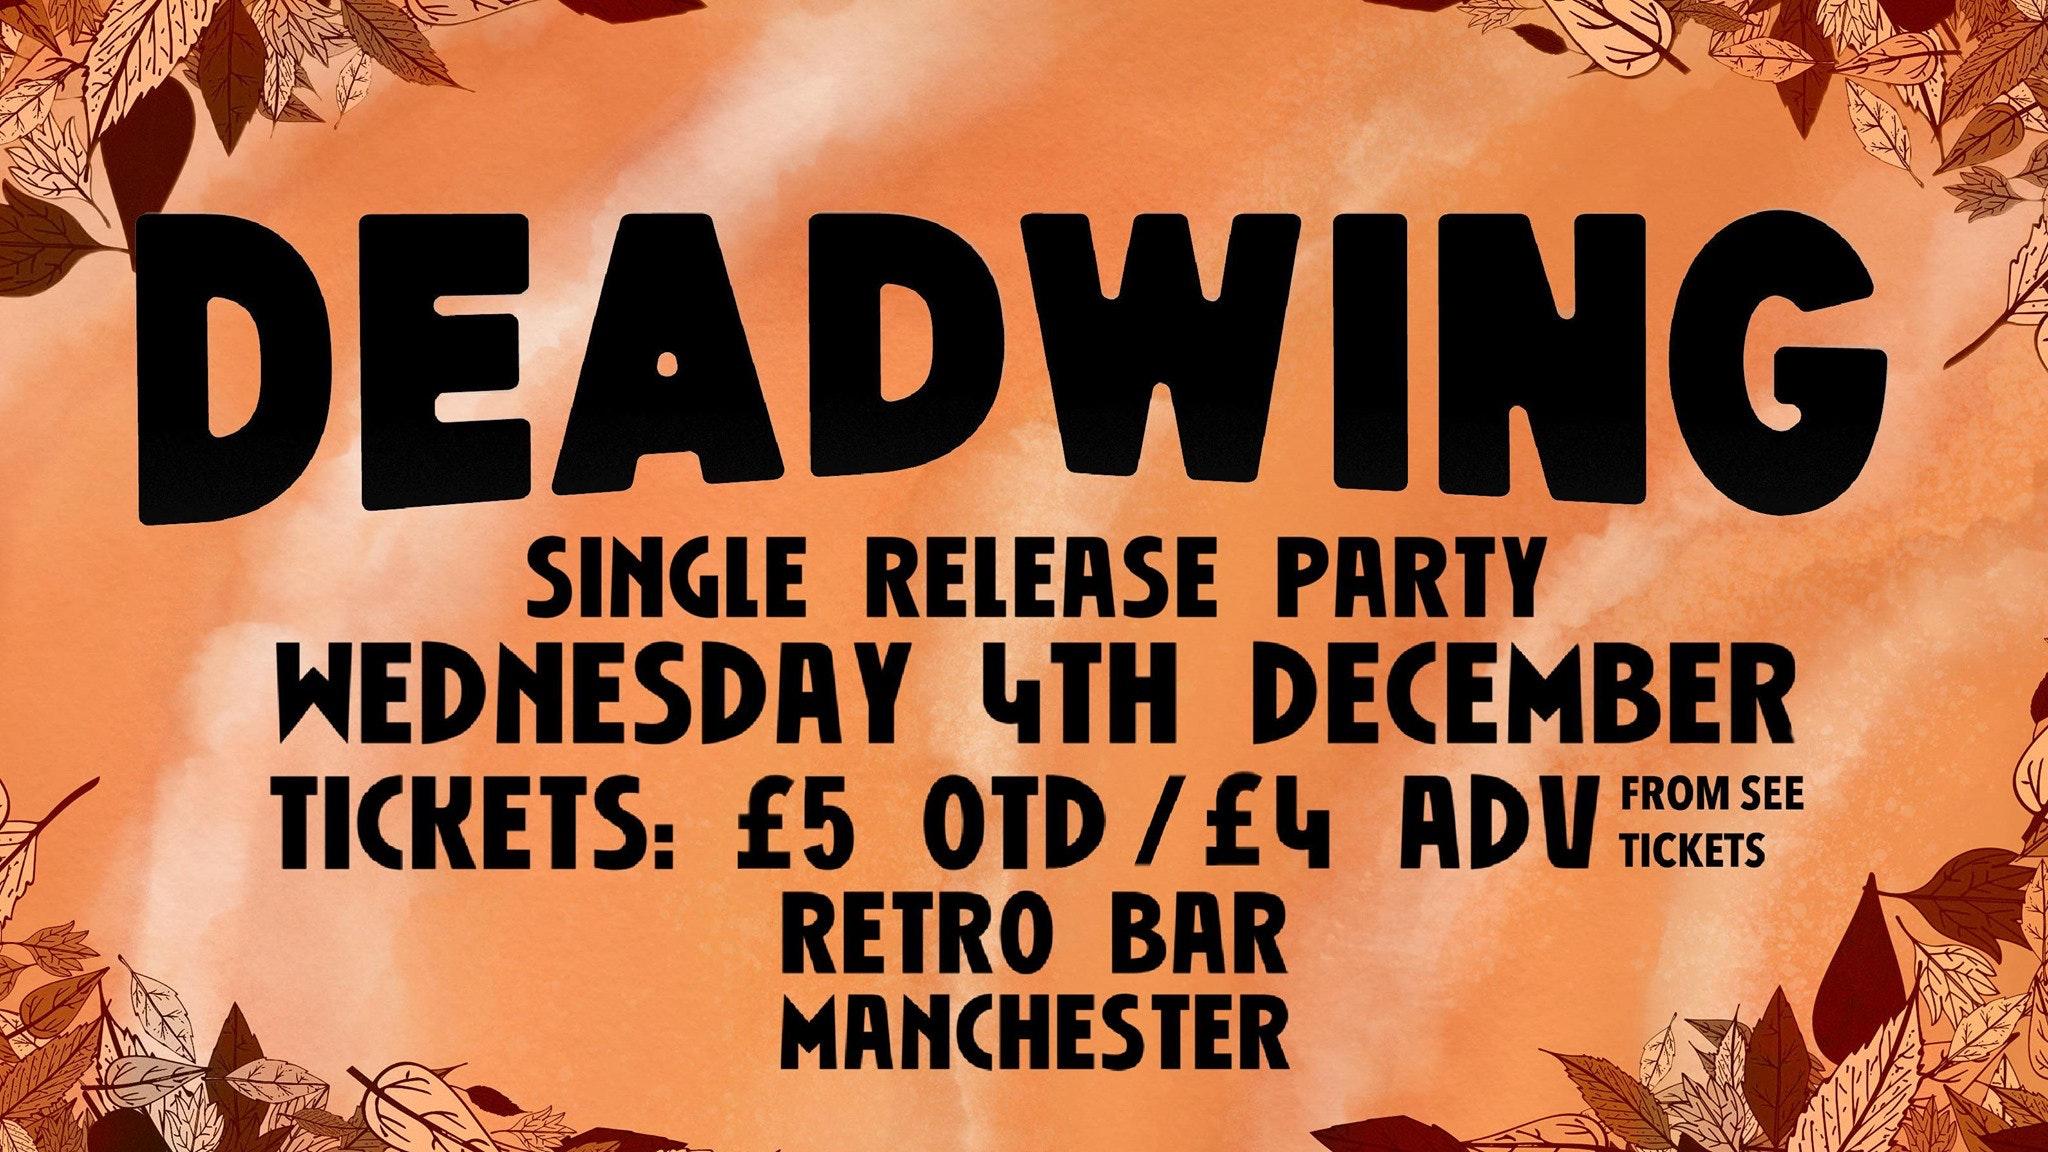 Deadwing 'Start Again' Single Release Party